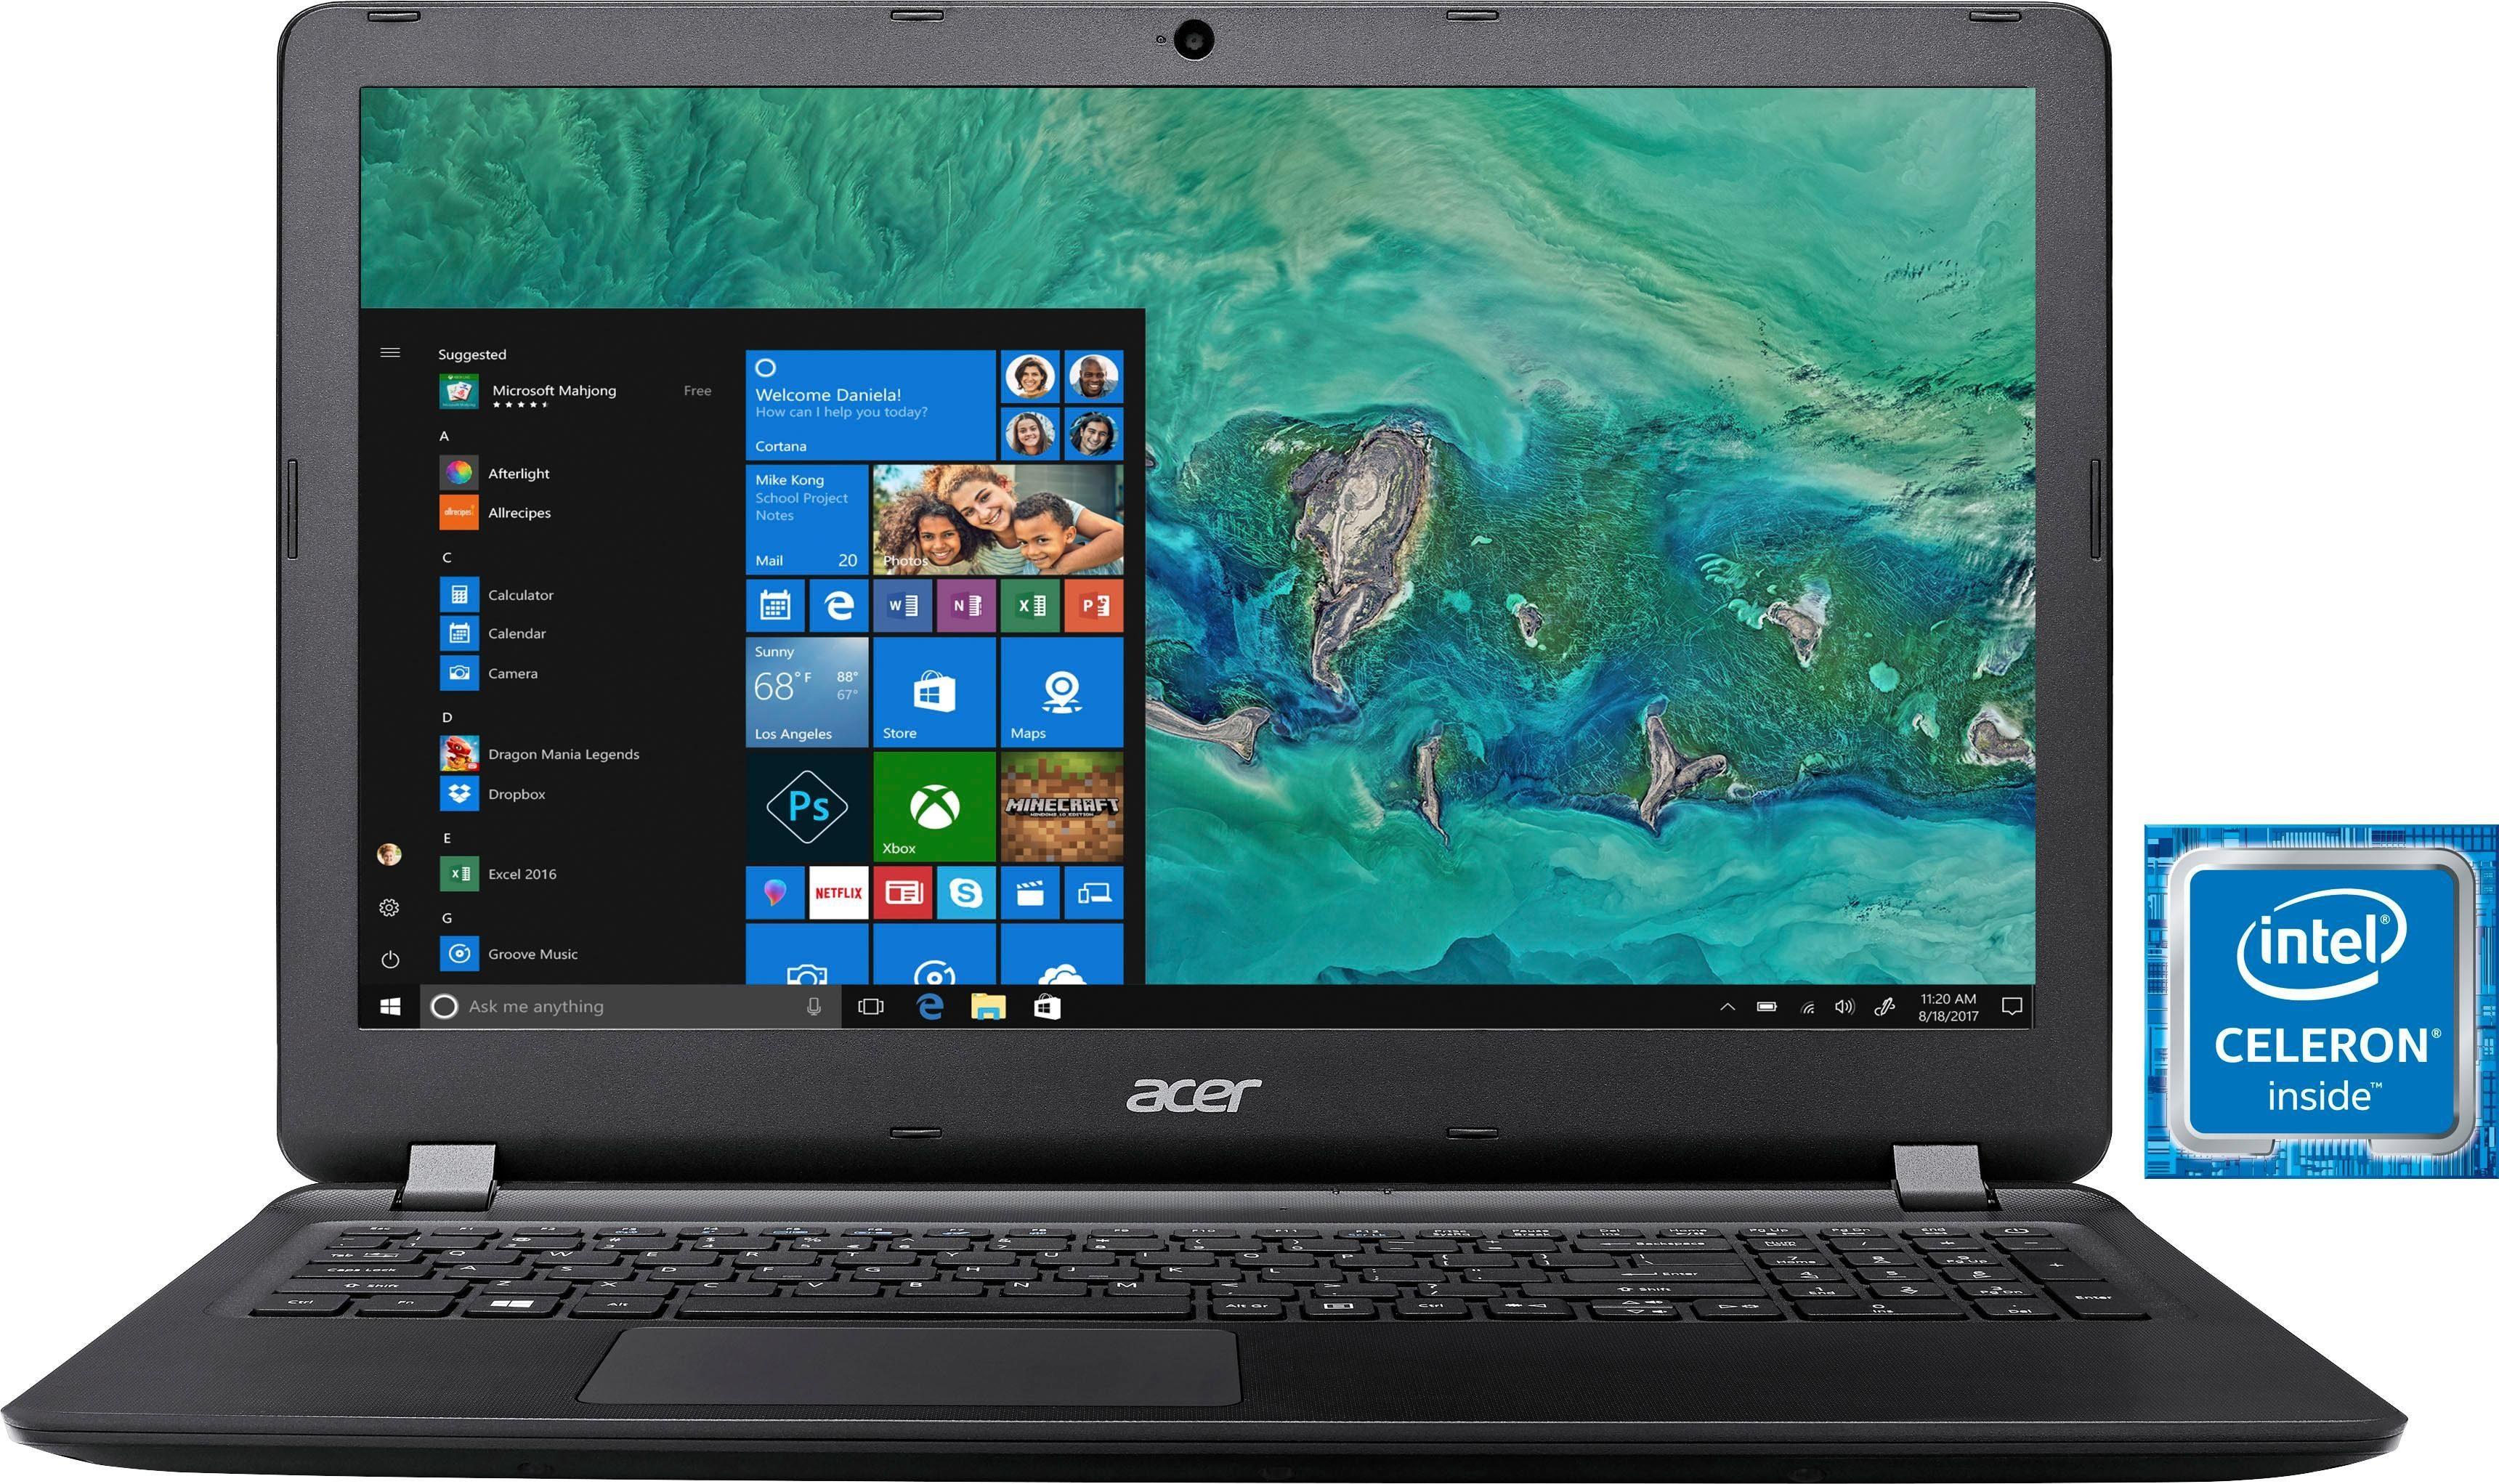 Acer Aspire ES 15 (ES1-533-C504) Notebook (39,62 cm/15,6 Zoll, Intel Celeron, 1000 GB HDD)